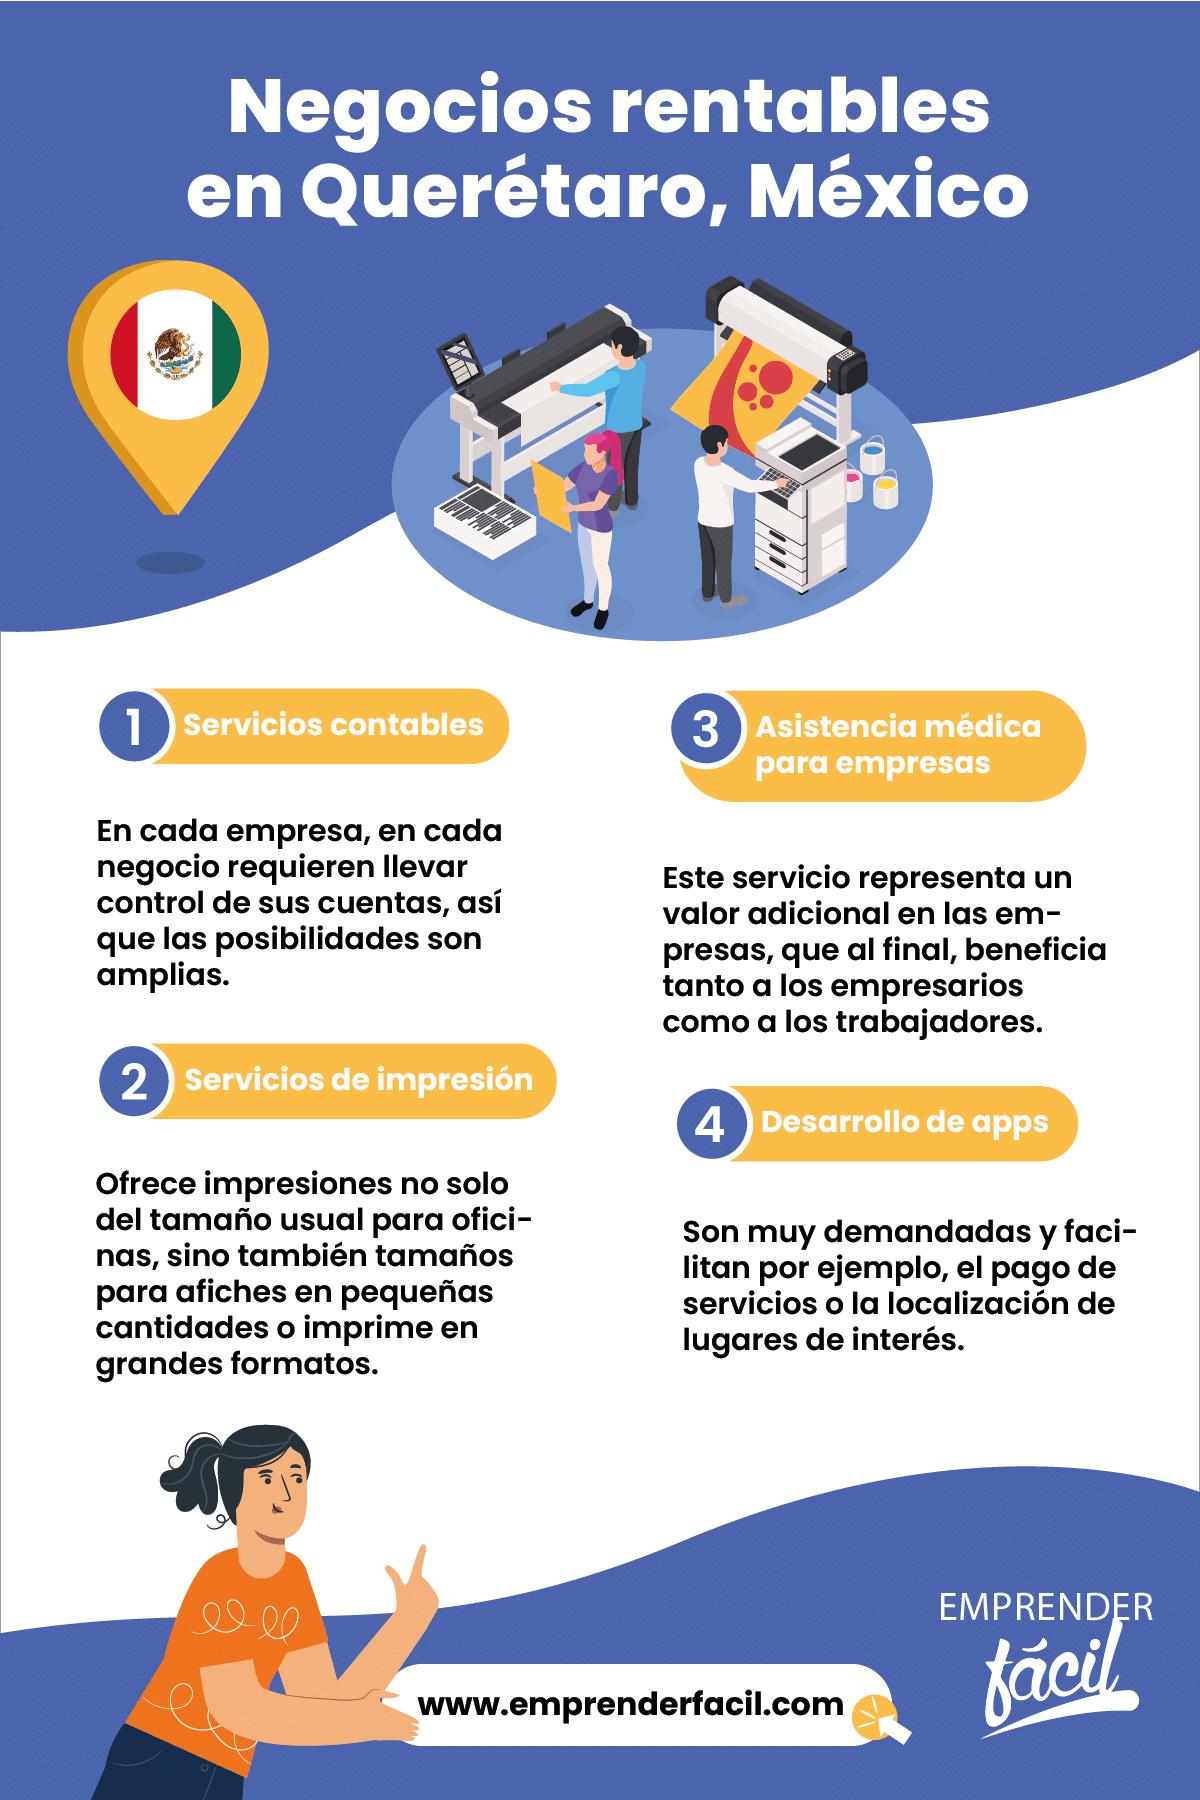 Ideas de negocios rentables en Querétaro, México.